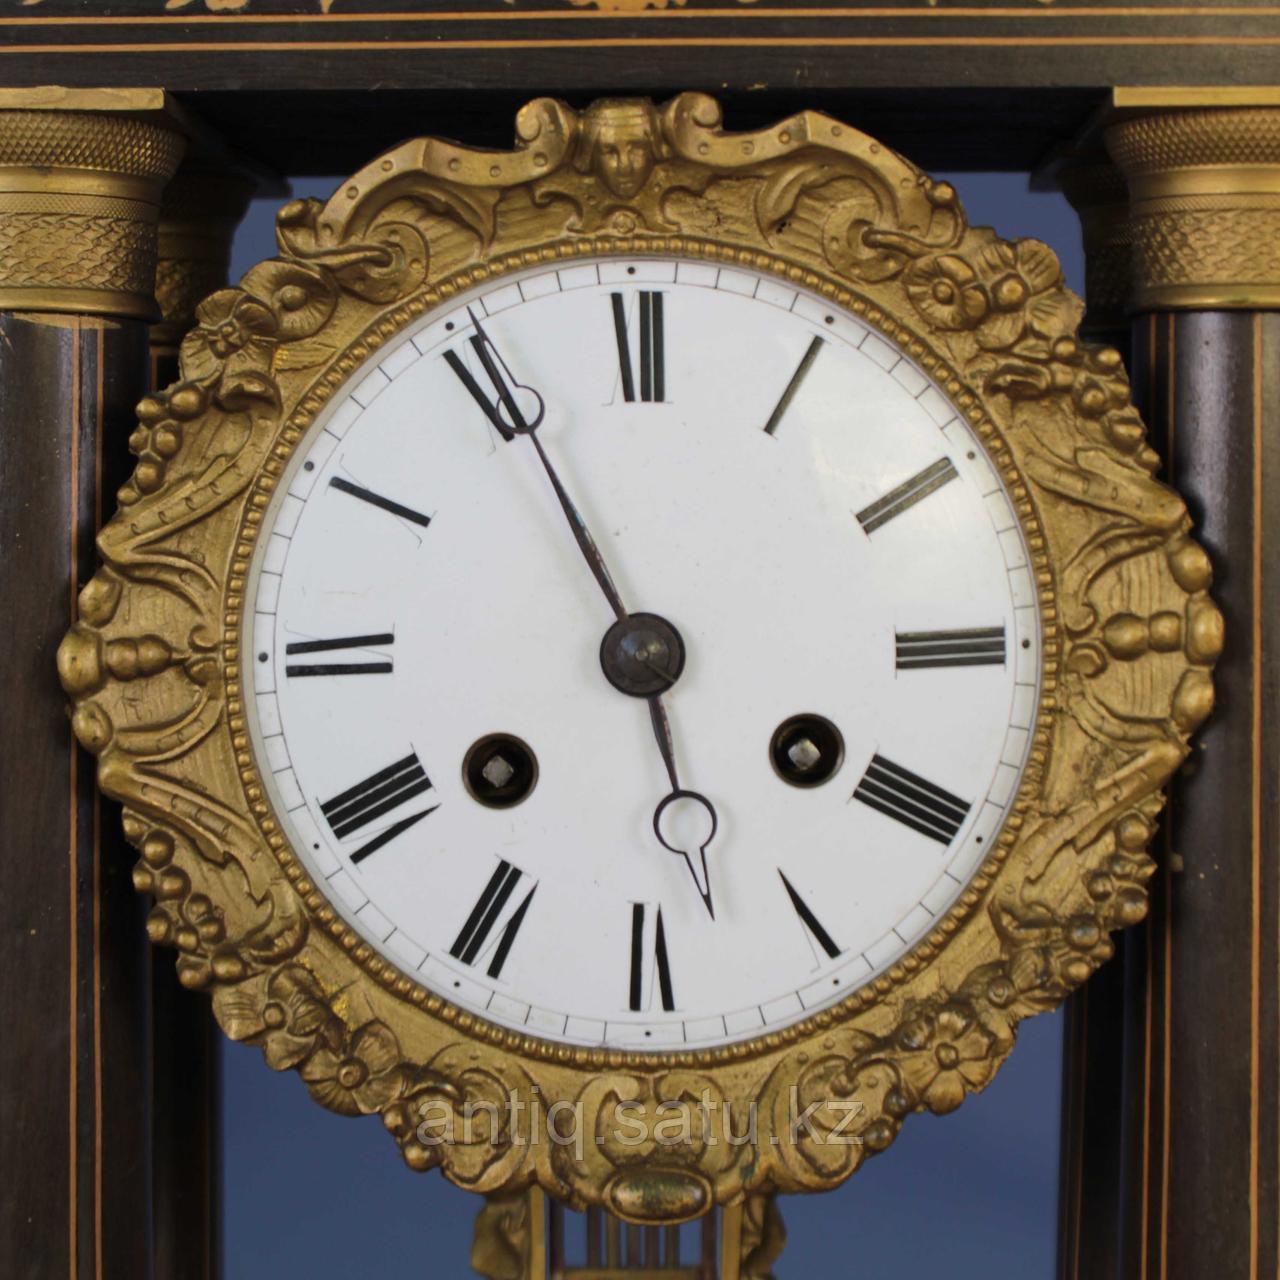 Кабинетные часы в стиле Карла Х. Часовая мастерская Samuel Marti & Cie - фото 6